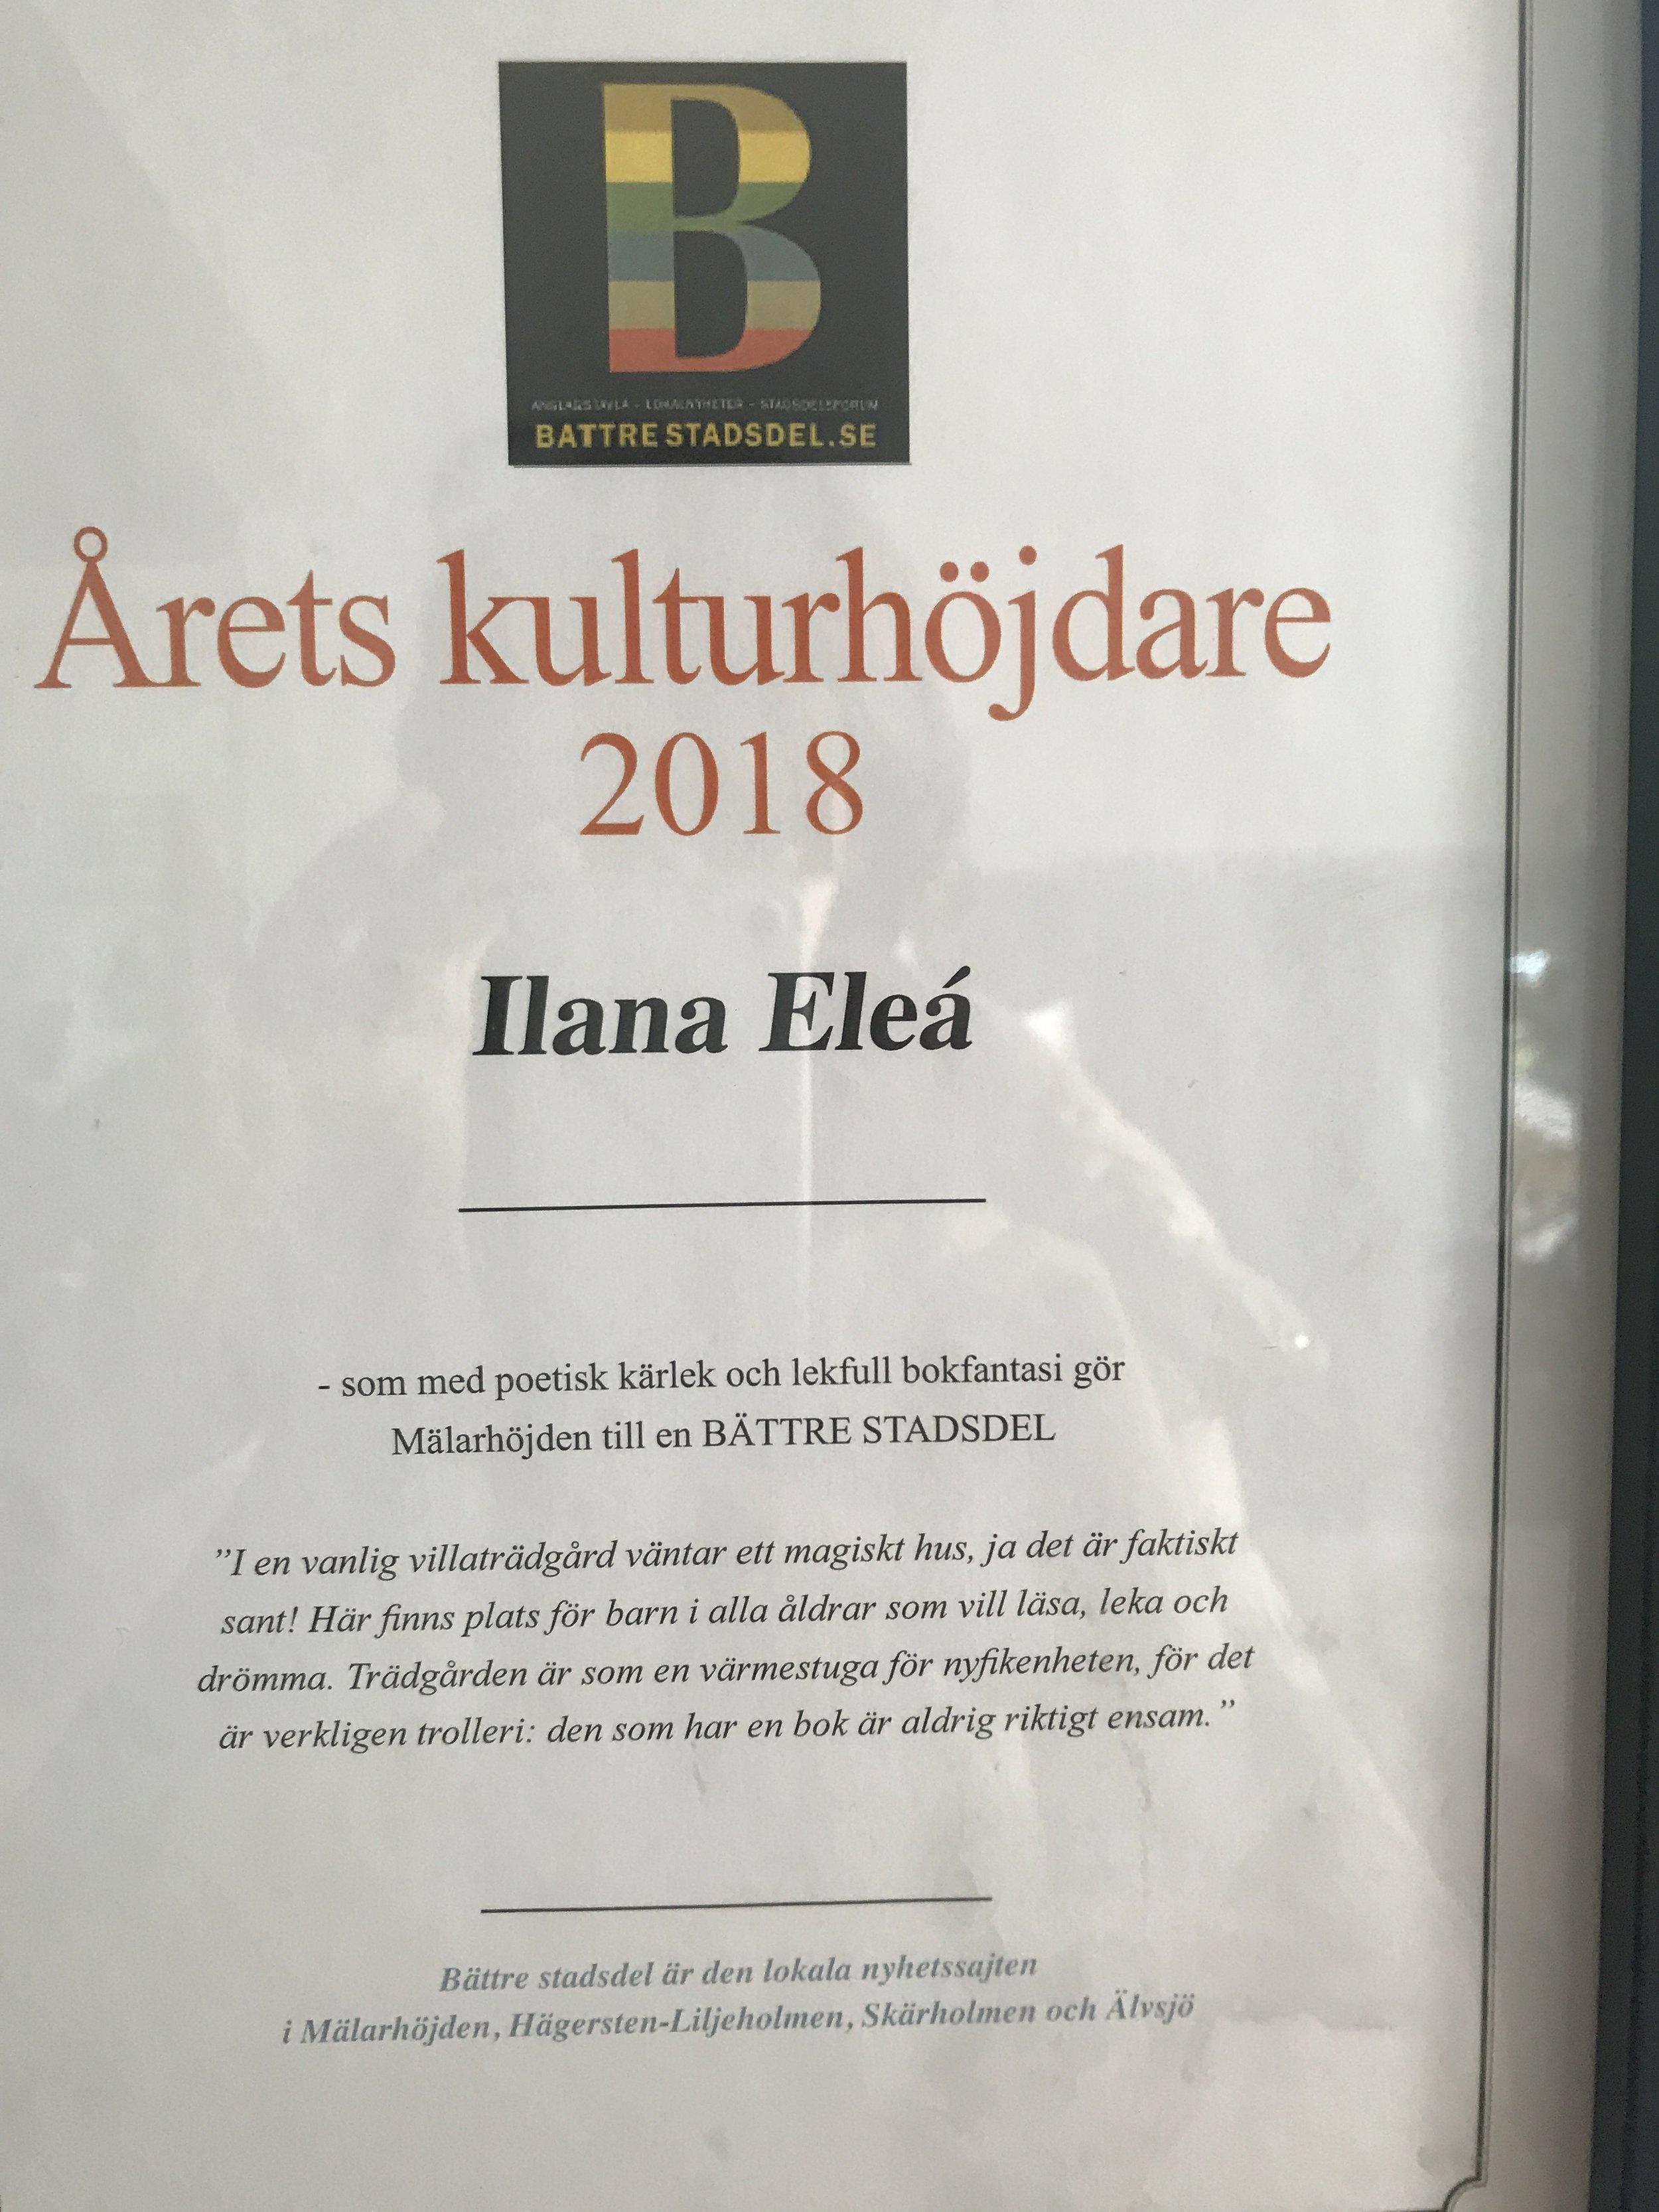 Bibliotek Barnstugan Battre Stadsdel Ilana Eleá Mälarhöjden